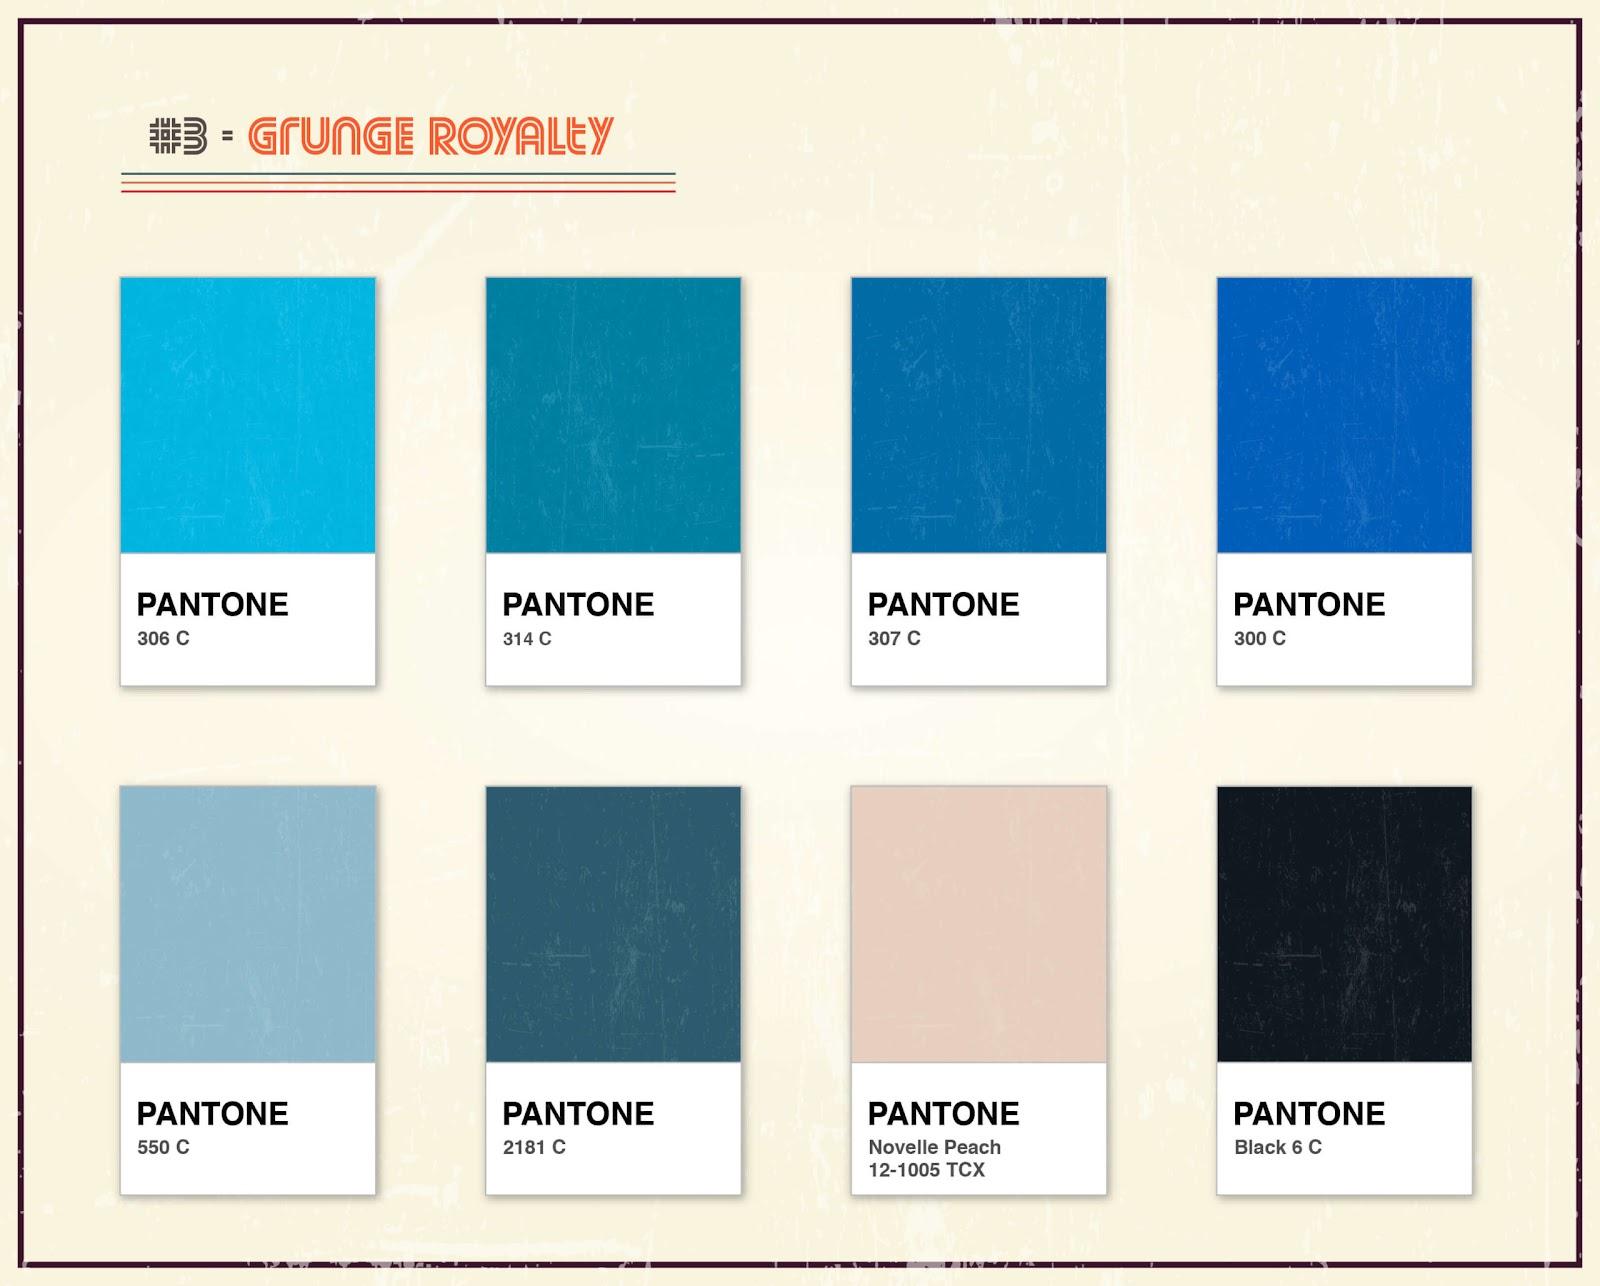 Album Artwork As Pantone: Famous Album Covers Without Text Quiz_3